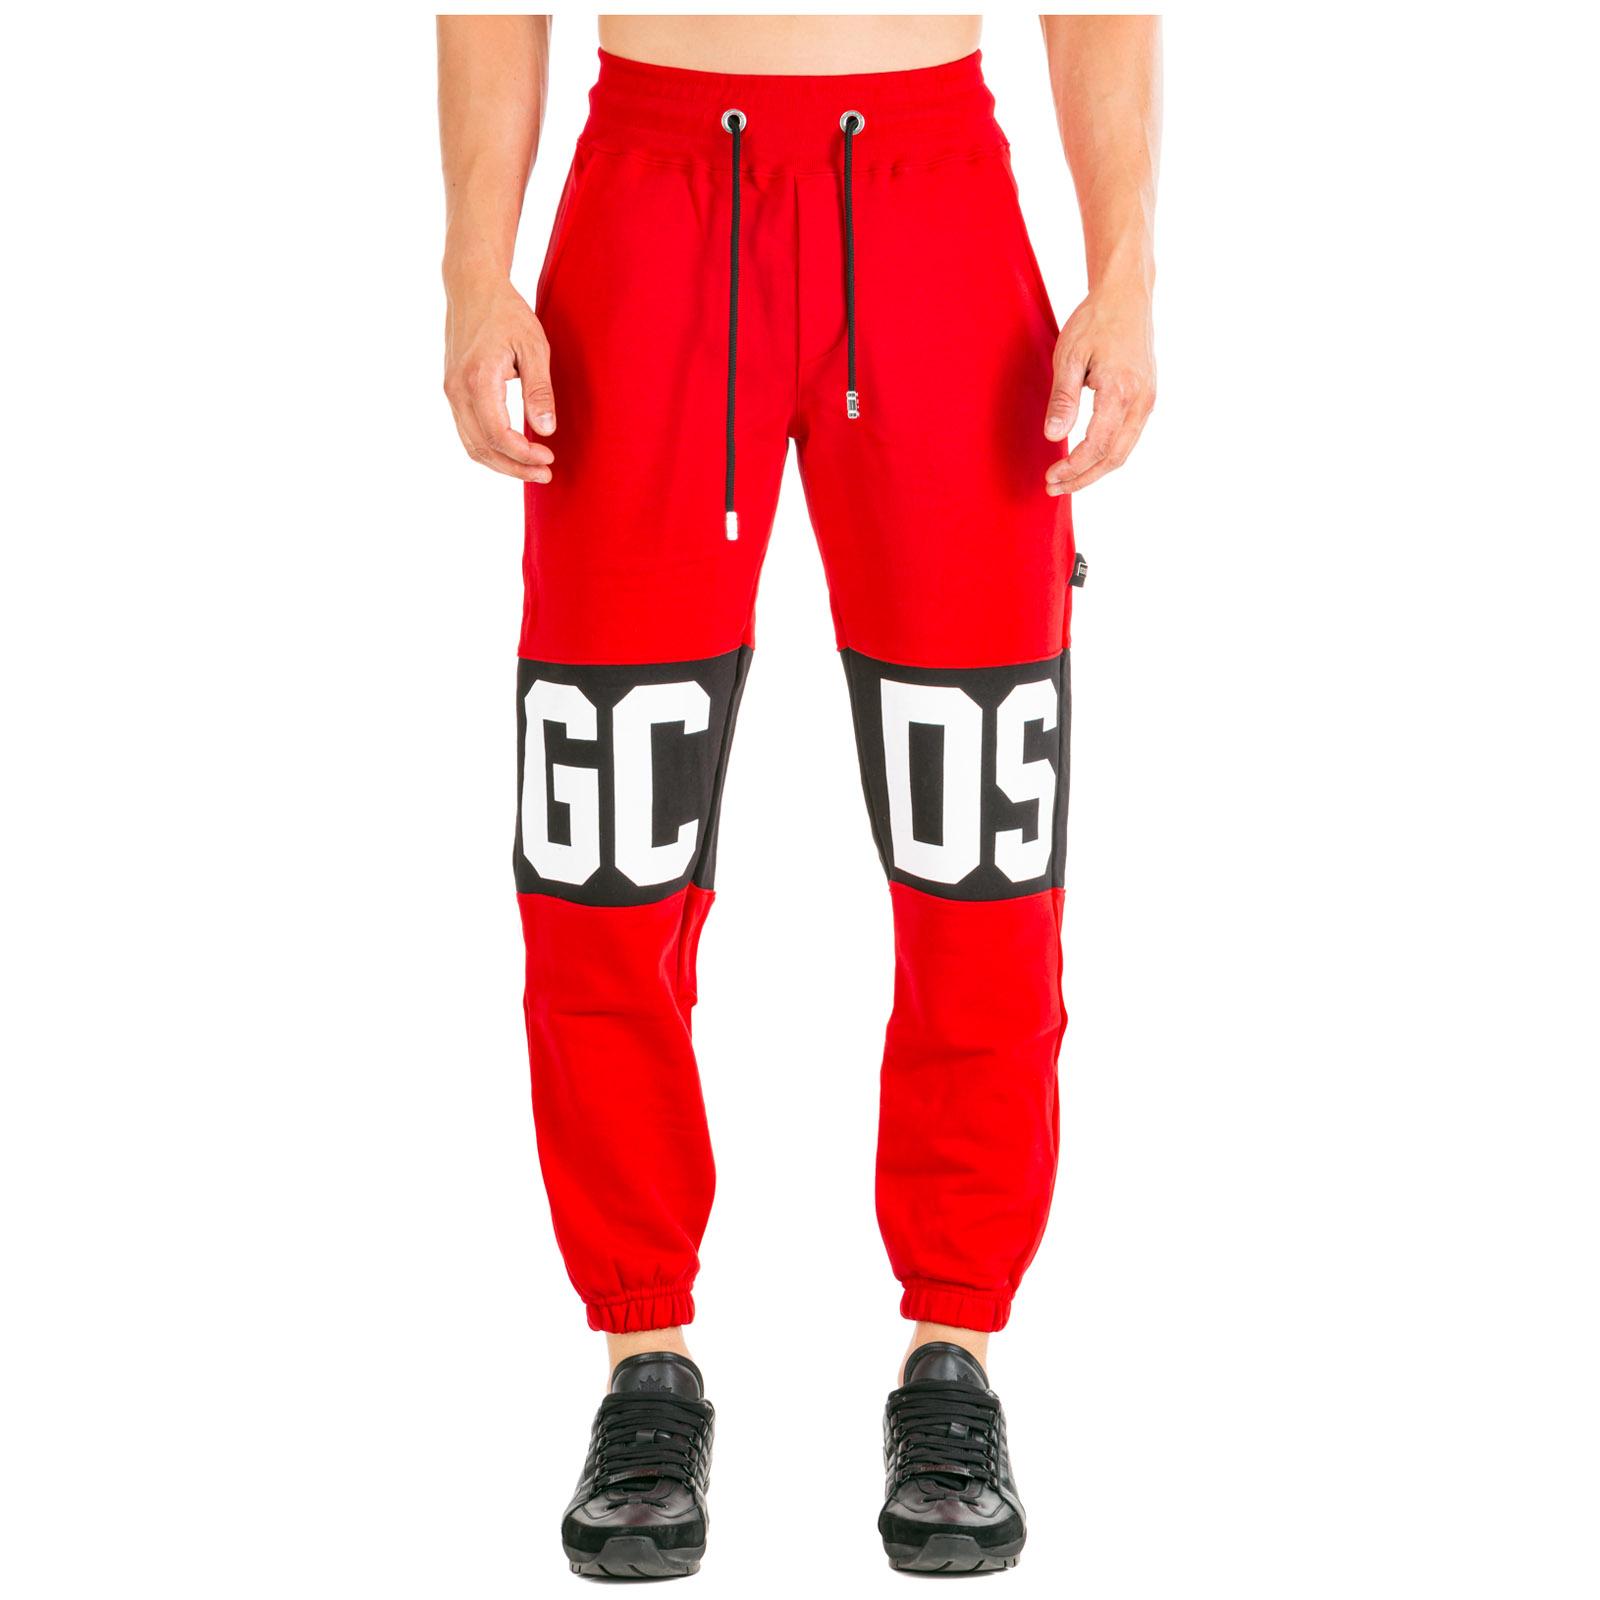 bbb970e80a Pantaloni tuta uomo